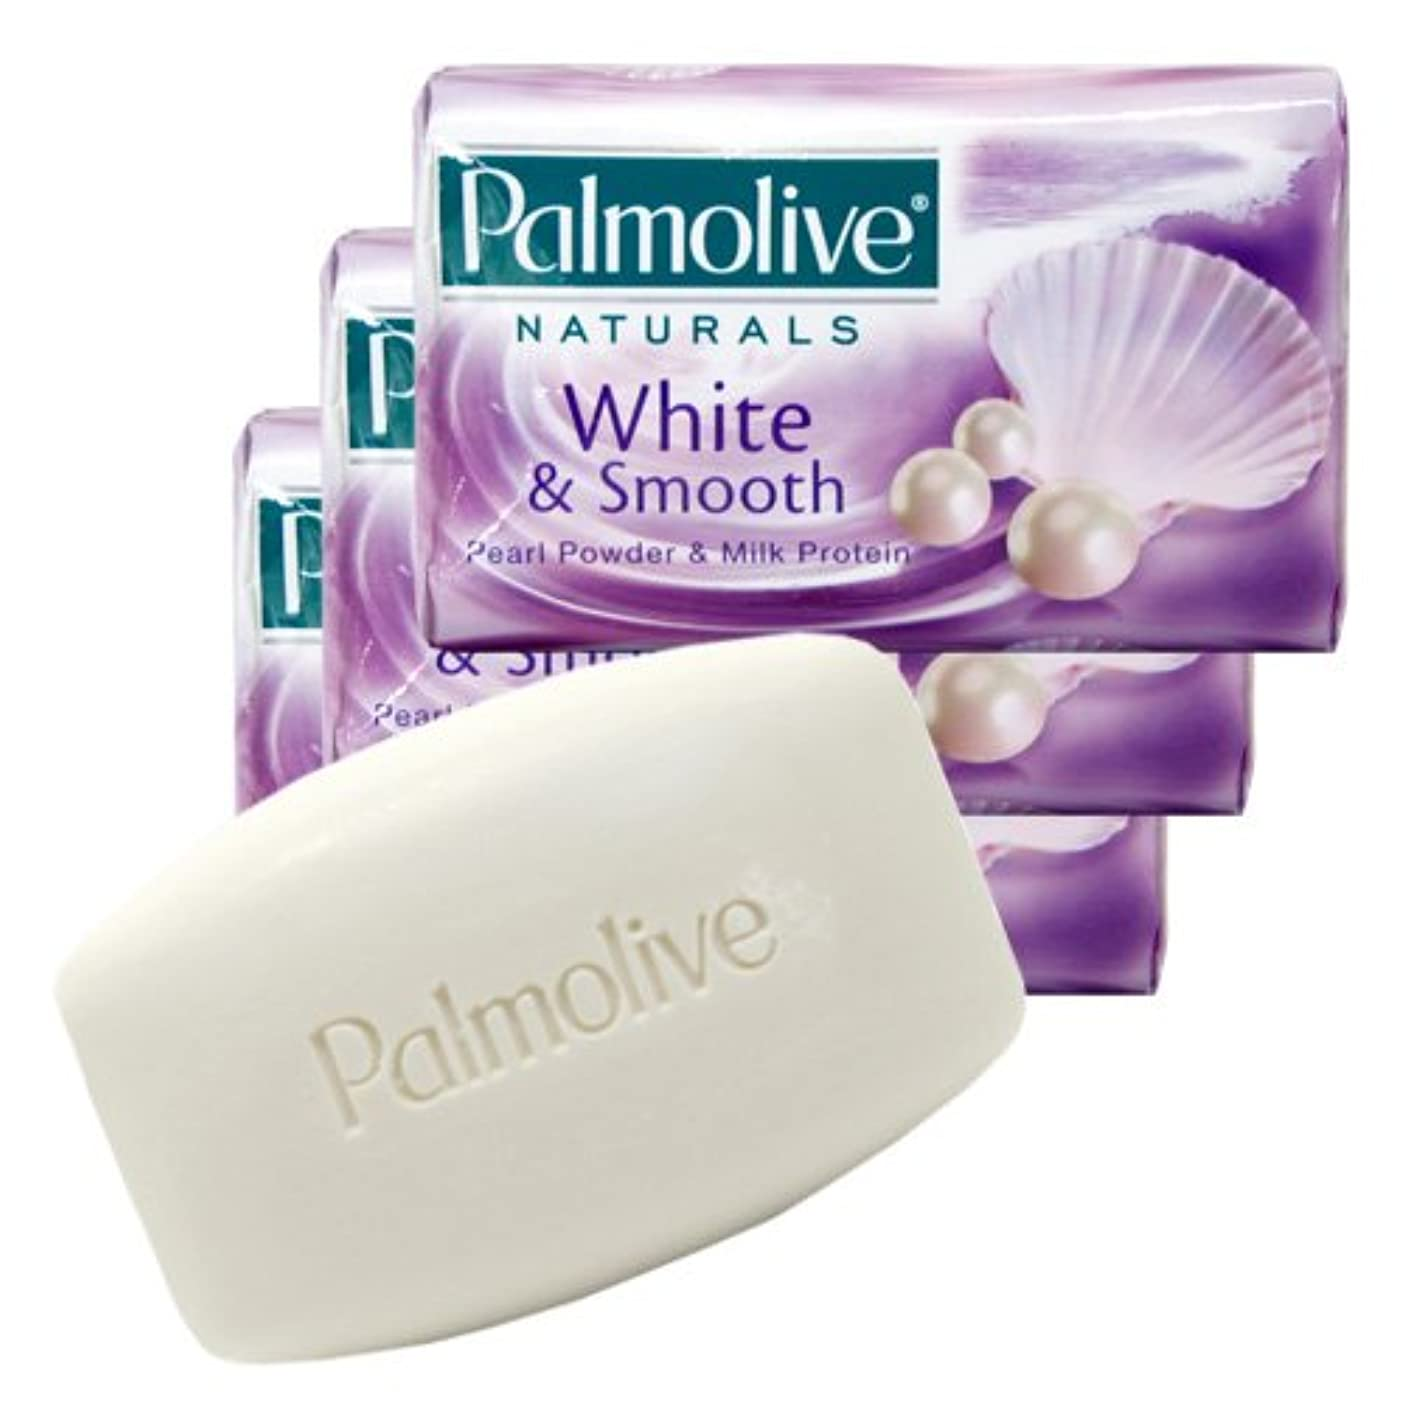 雨のローラー適度な【Palmolive】パルモリーブ ナチュラルズ石鹸3個パック ホワイト&スムース(パールパウダー&ミルクプロテイン)80g×3